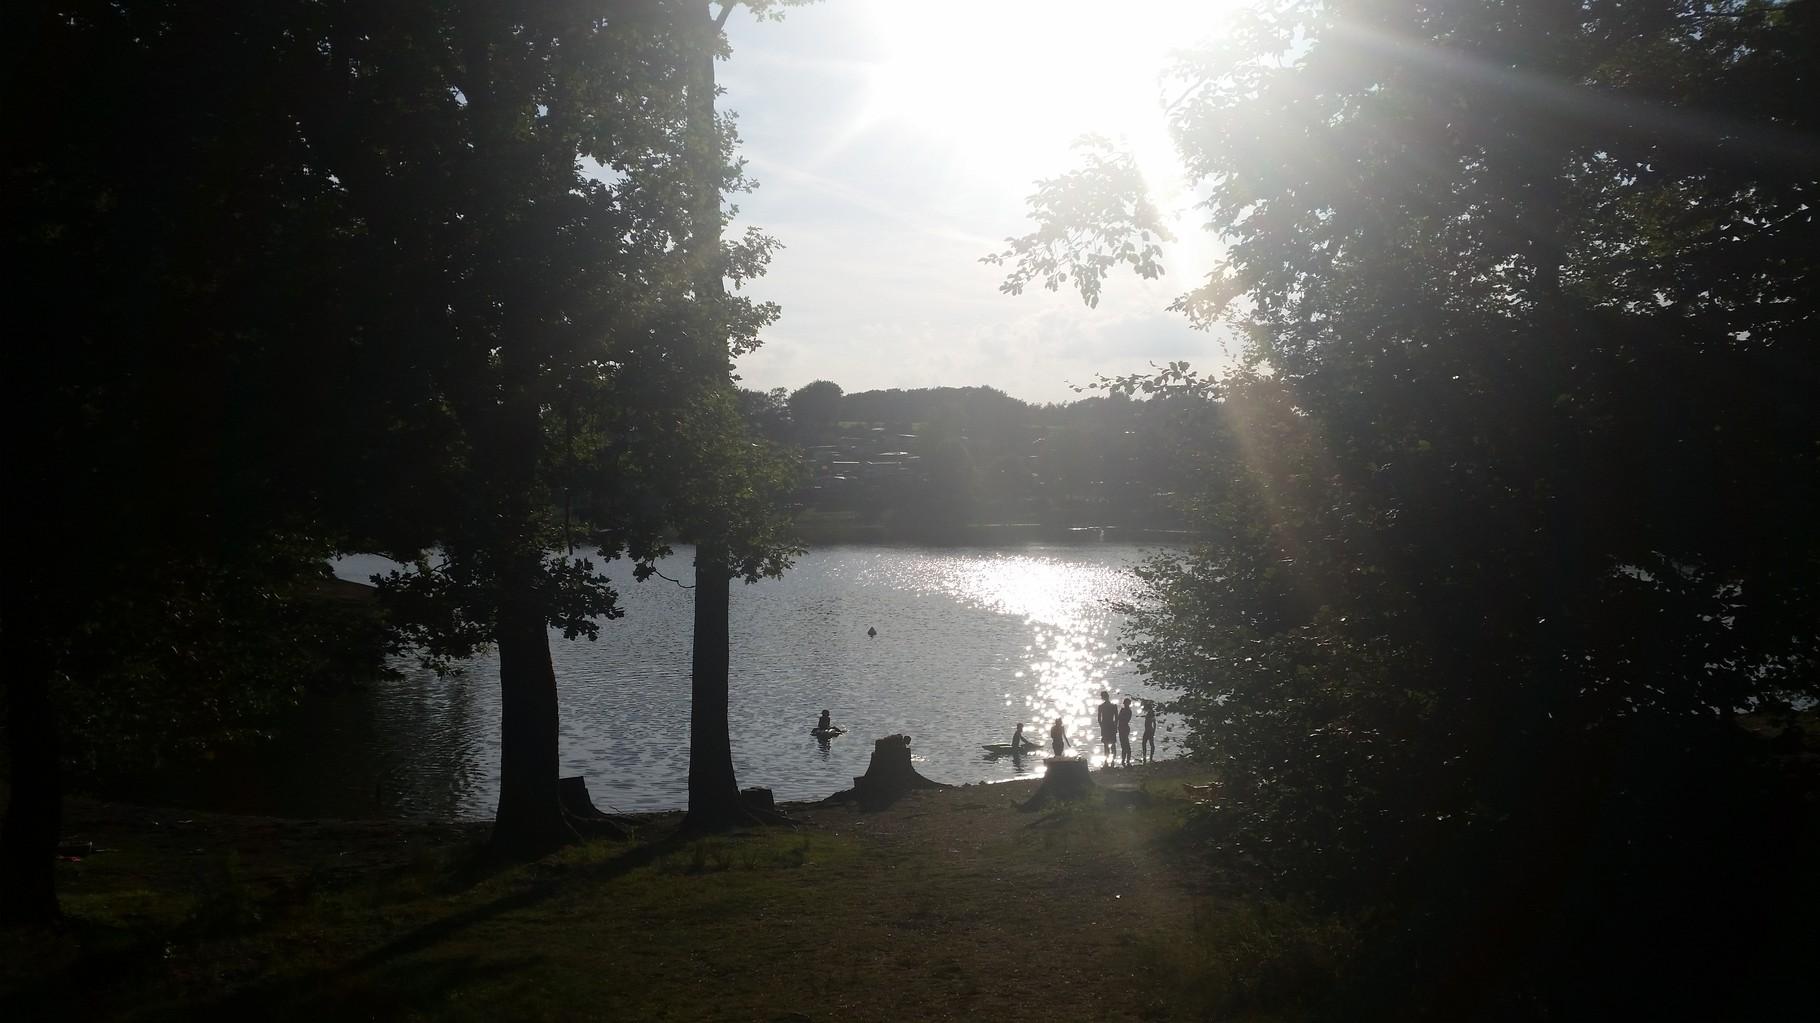 Der Ausblick und die Stimmung war genial und das Wasser ein willkommener Anblick, die Temperaturen haben einen echt zum schmilzen gebracht.